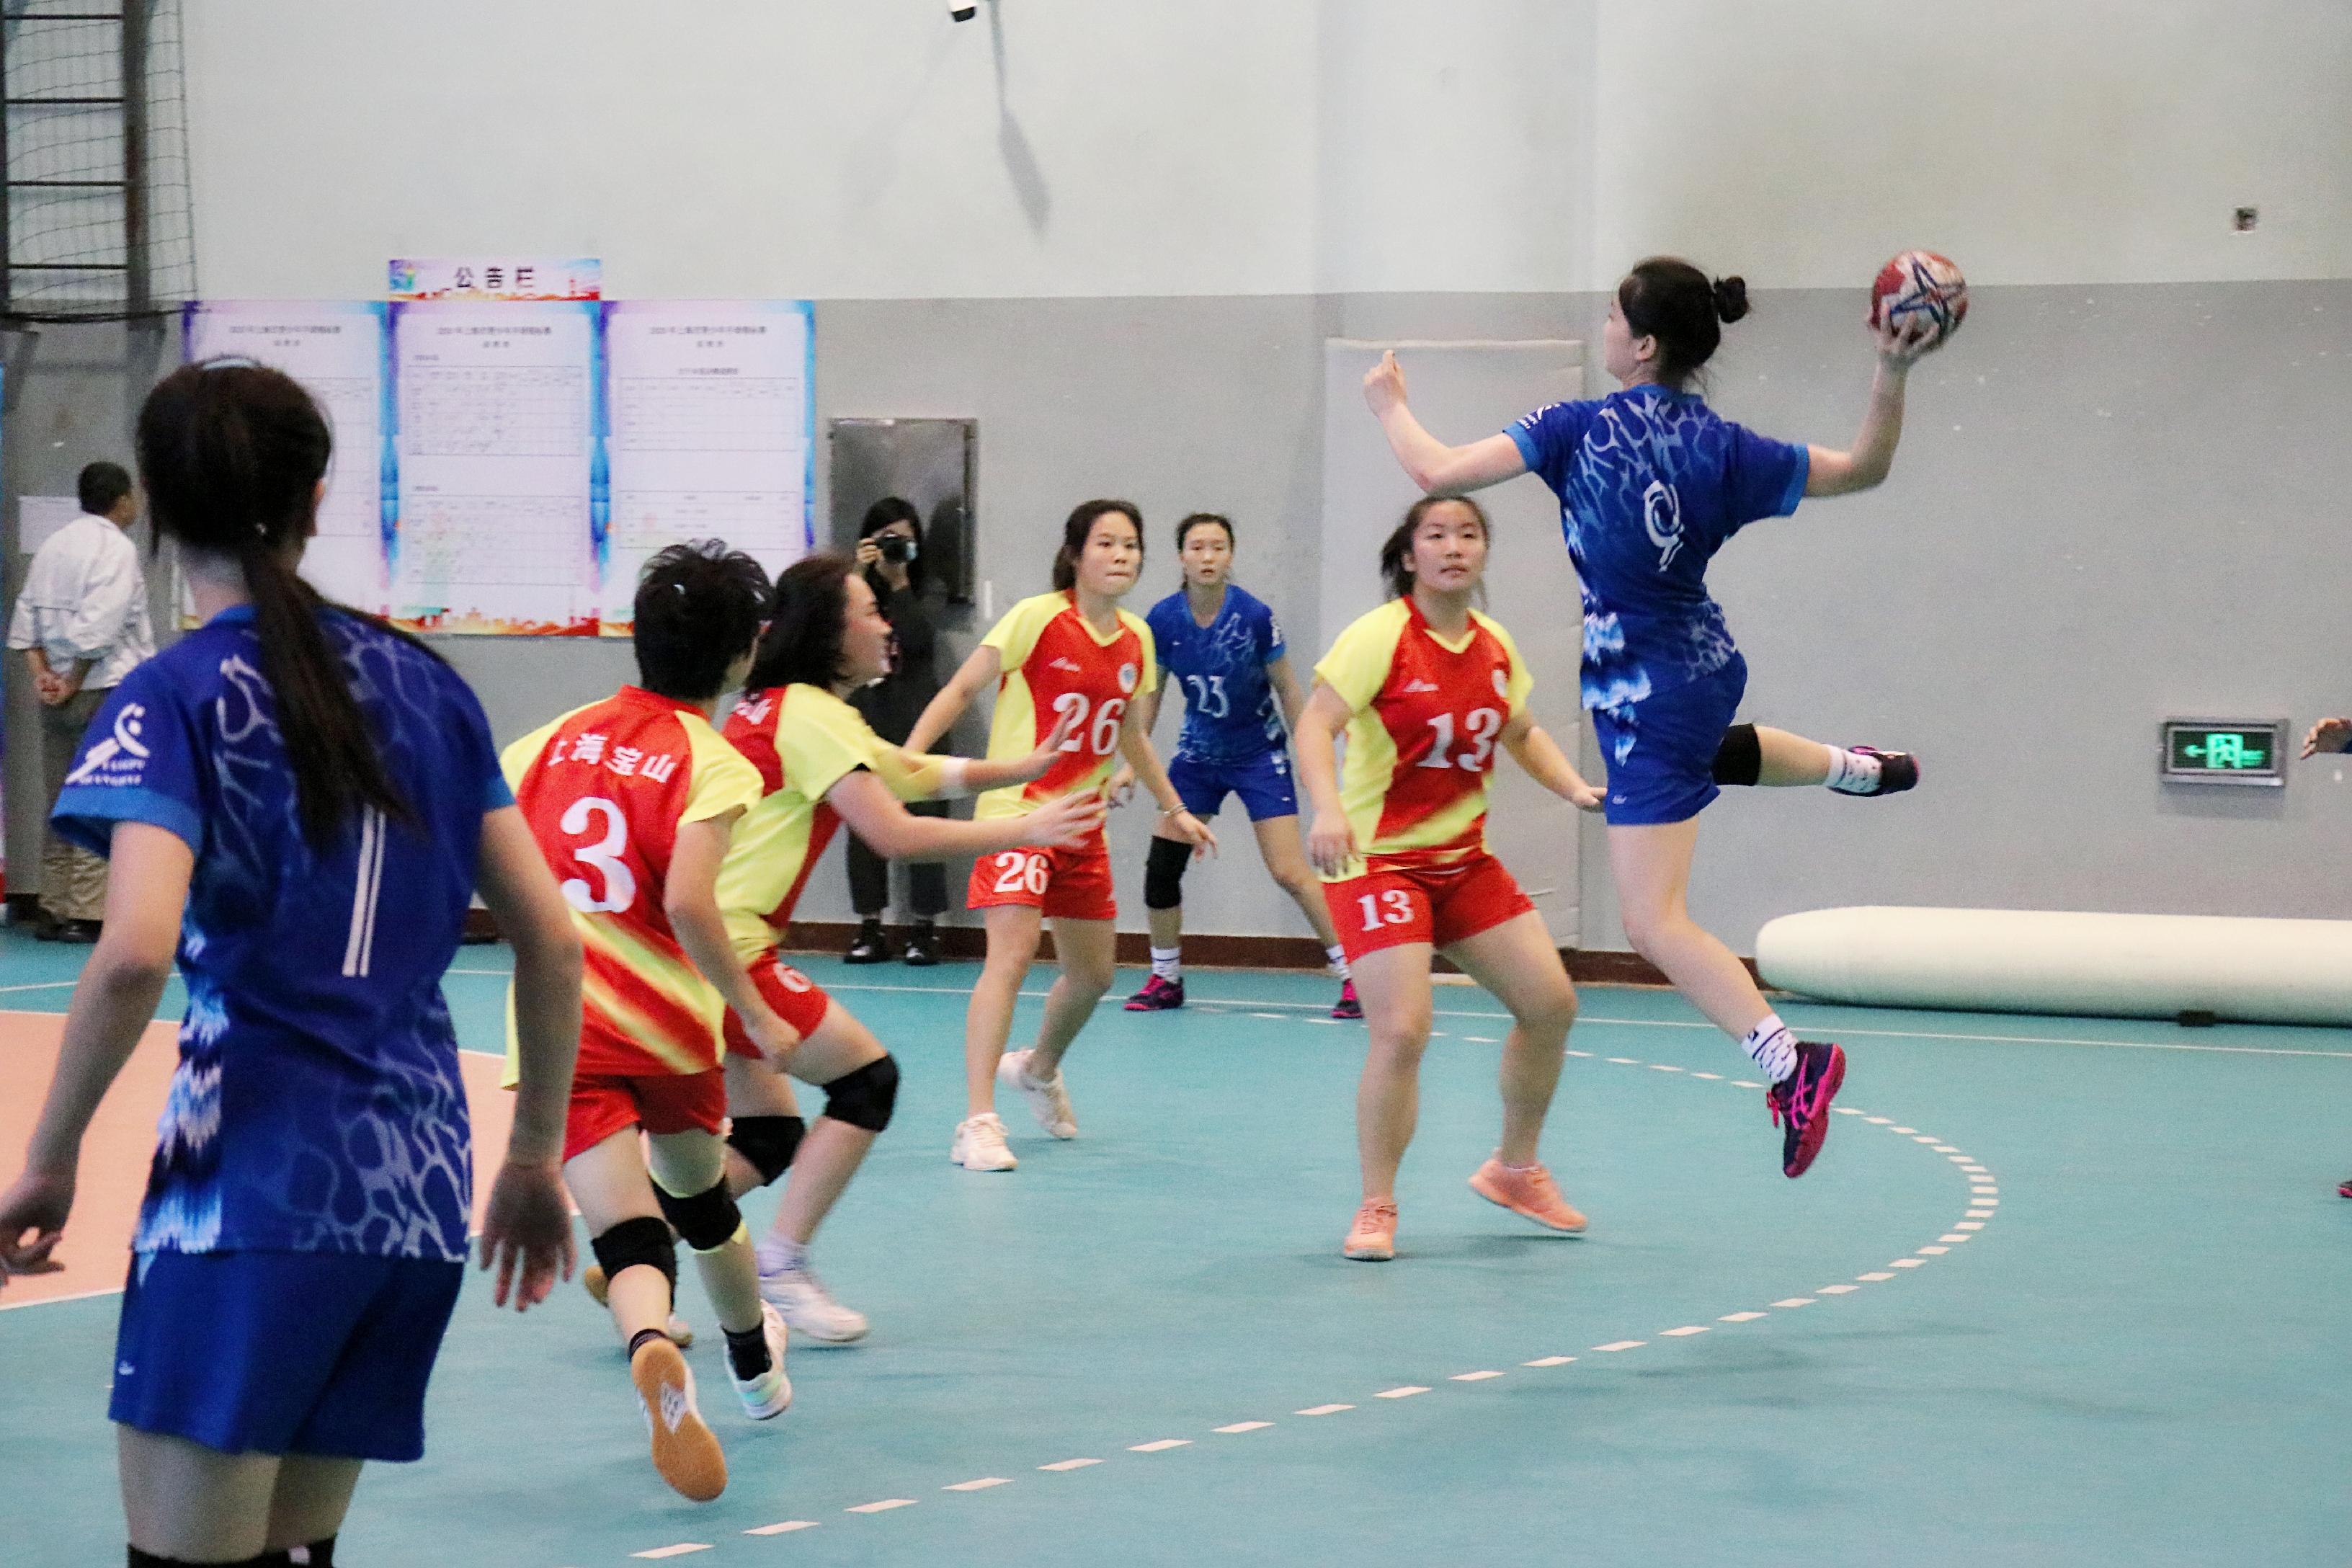 沪上手球战火重燃,复旦实验获2020年上海市青少年手球锦标赛女子A组冠军